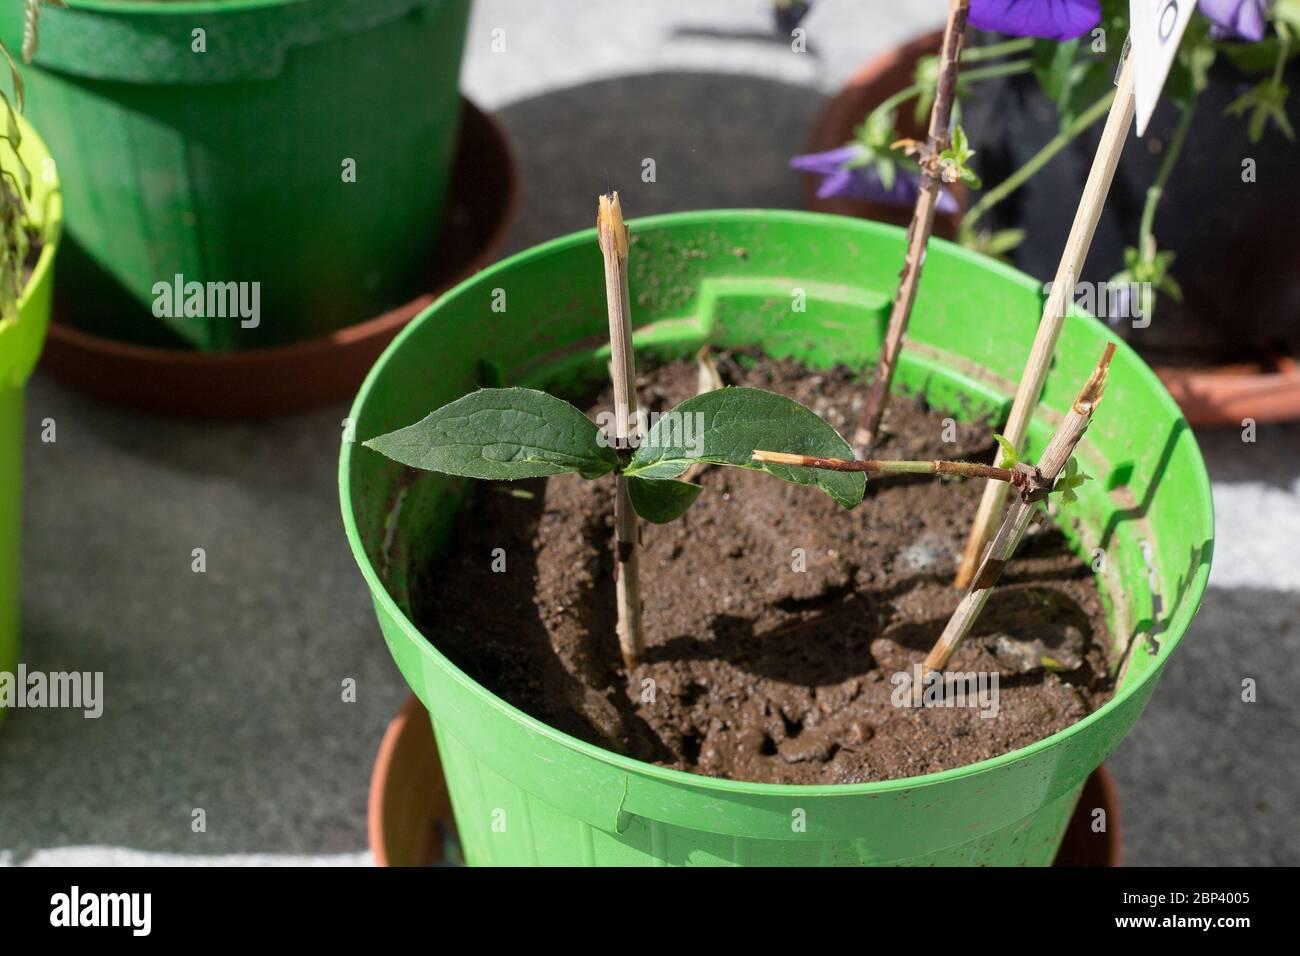 Brindilles de résineux dans une casserole, utilisées comme boutures de tiges pour propager les plantes. Philadelphus ou faux boutures de tige orange dans un vase vert avec sol. Banque D'Images